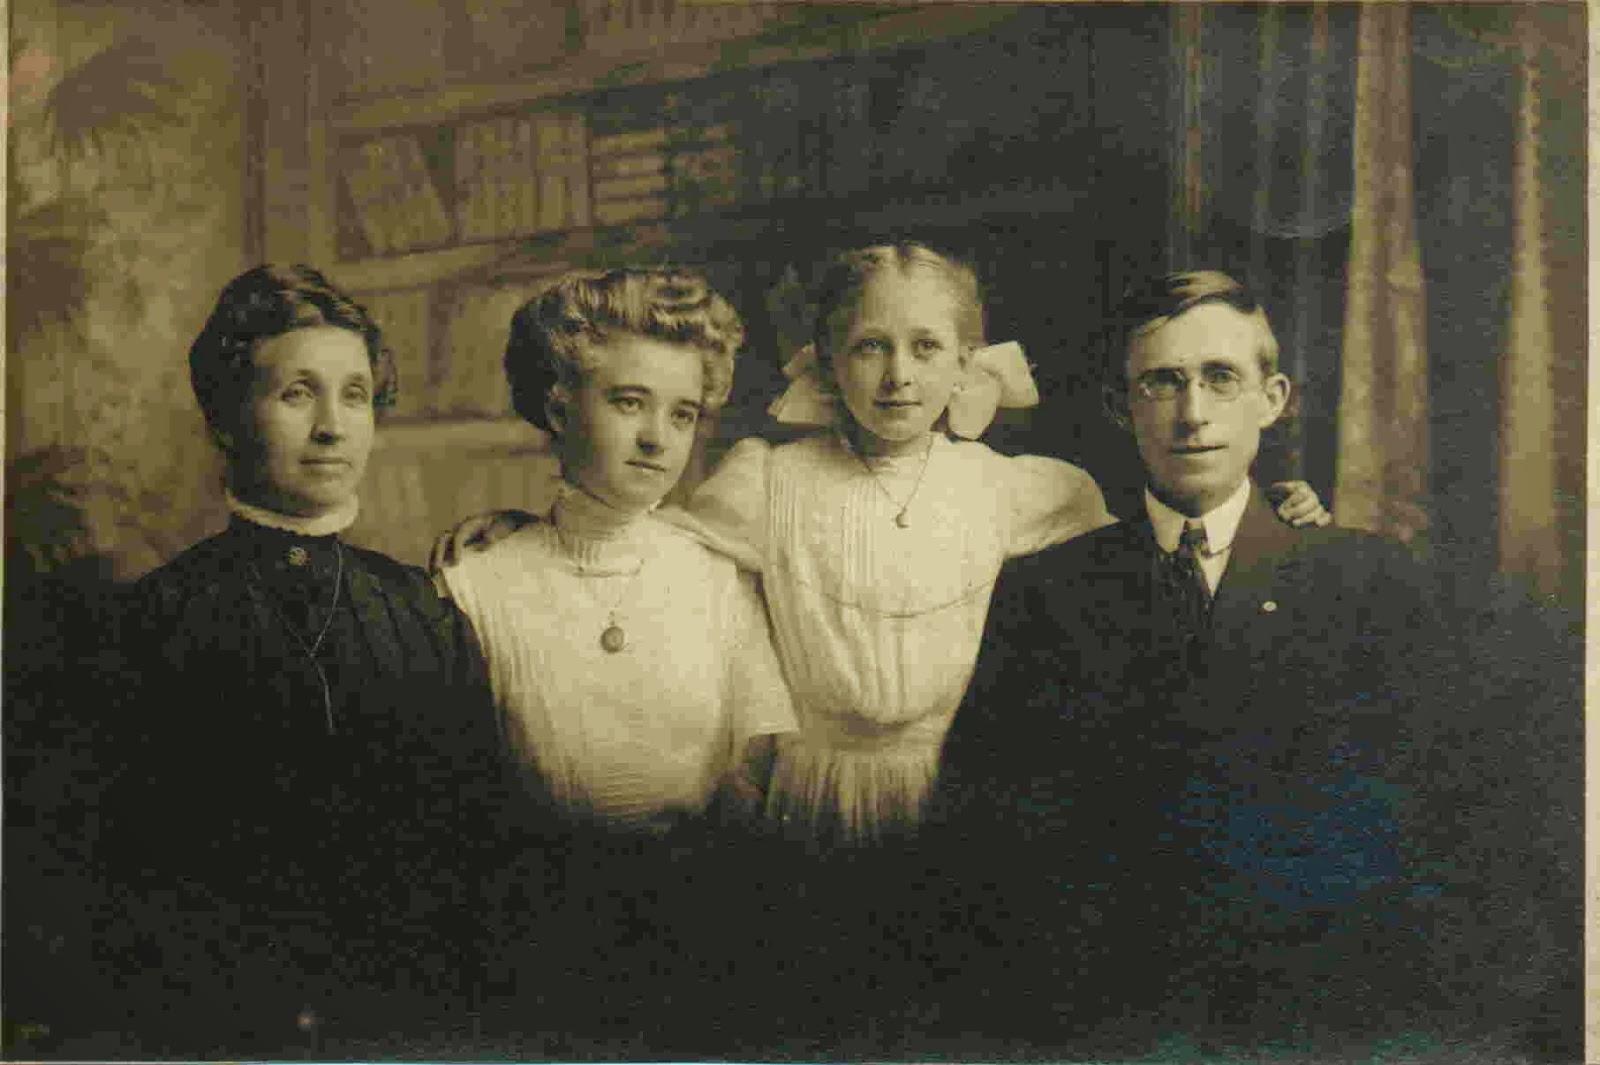 Googlier detroit search date 20180221 emil died jan 1940 detroit michigan and louise died jan 1925 detroit michigan fandeluxe Images